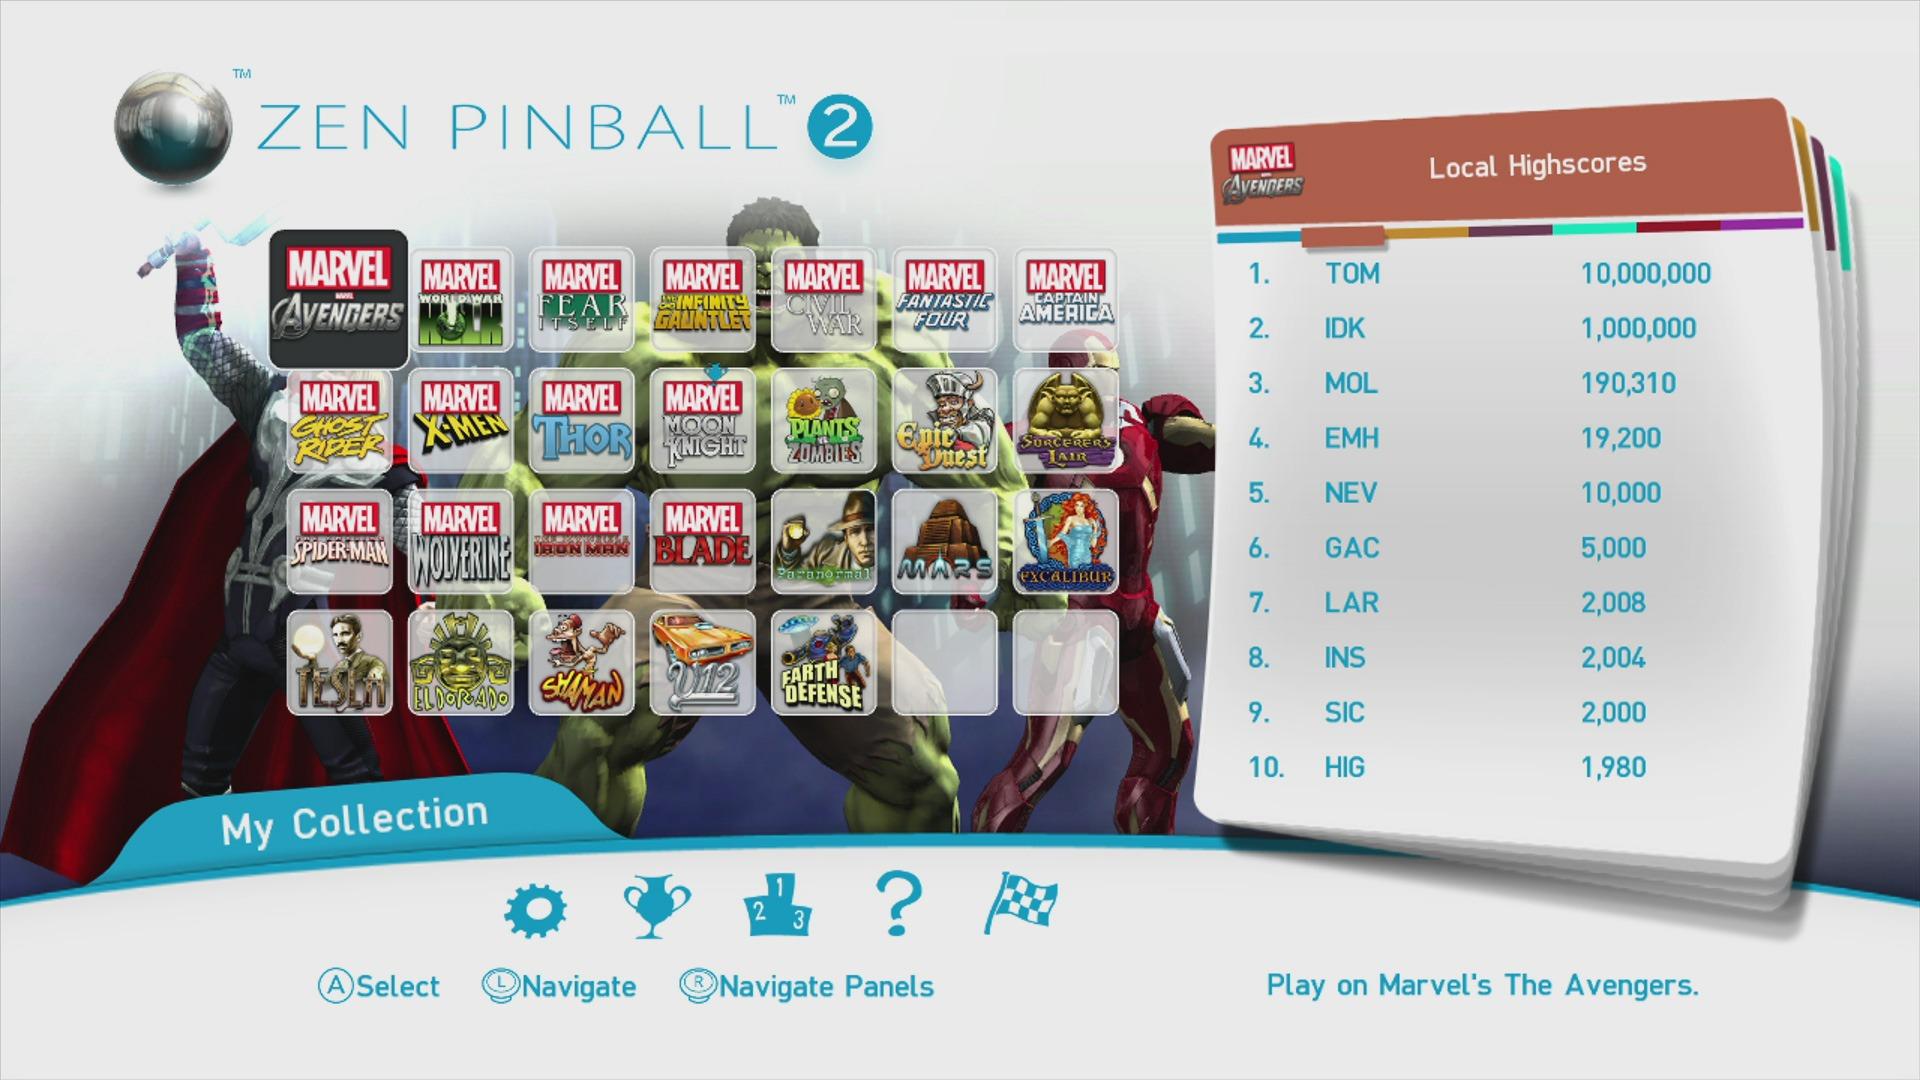 Review: Zen Pinball 2